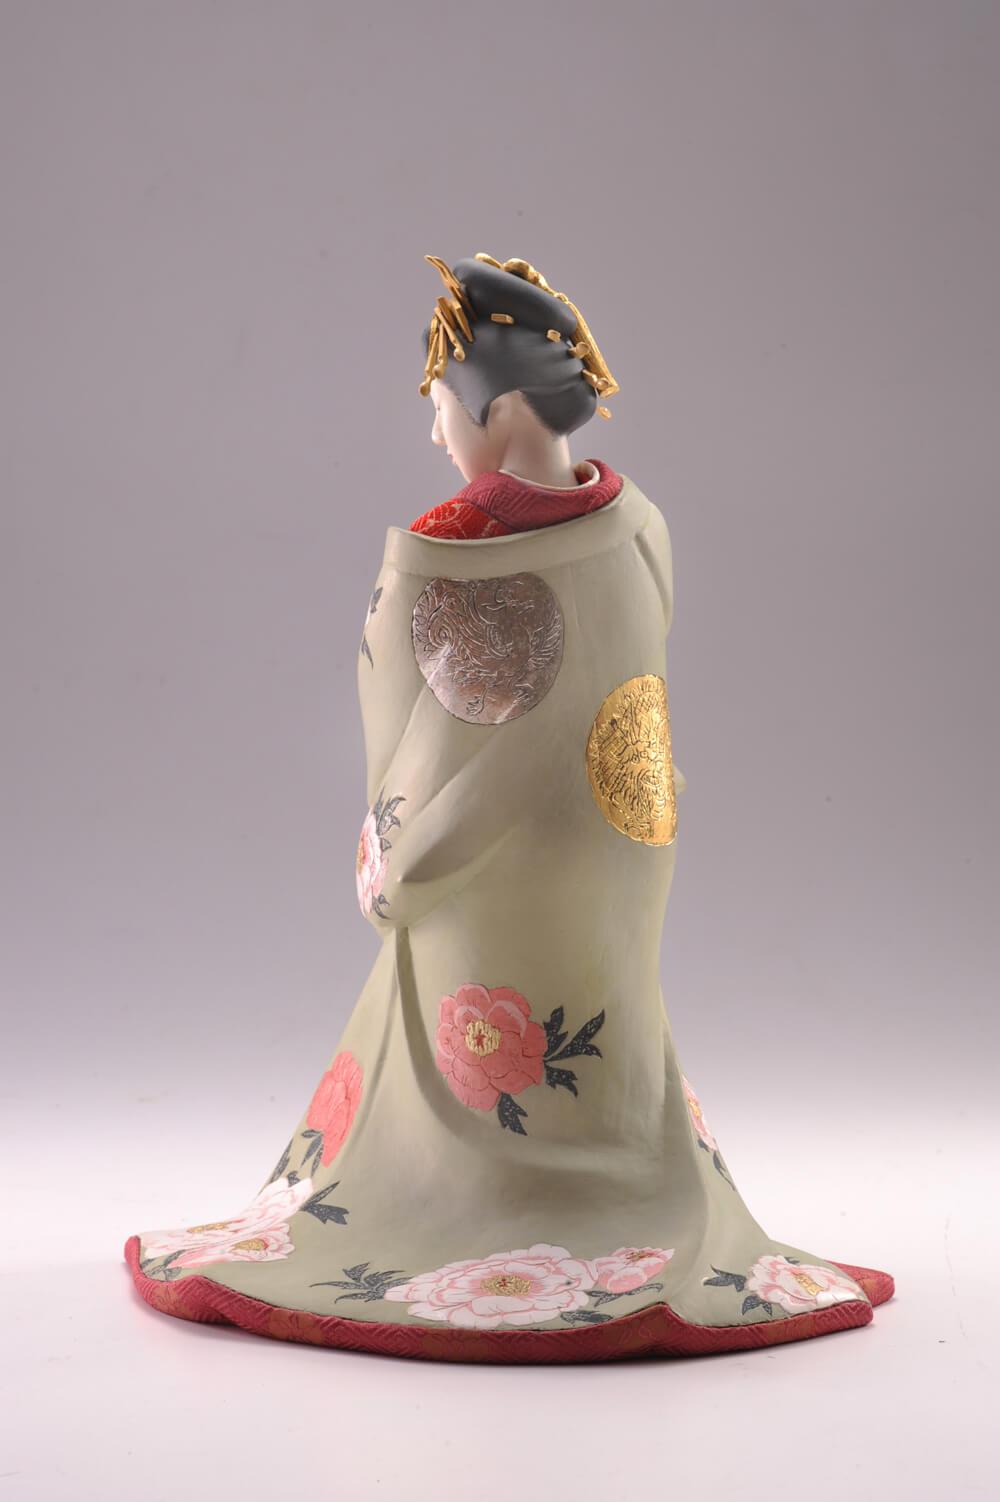 2012年11月9日から開催の「日本工芸の華 双璧 鈴木 藏・芹川 英子 展」の芹川作品2